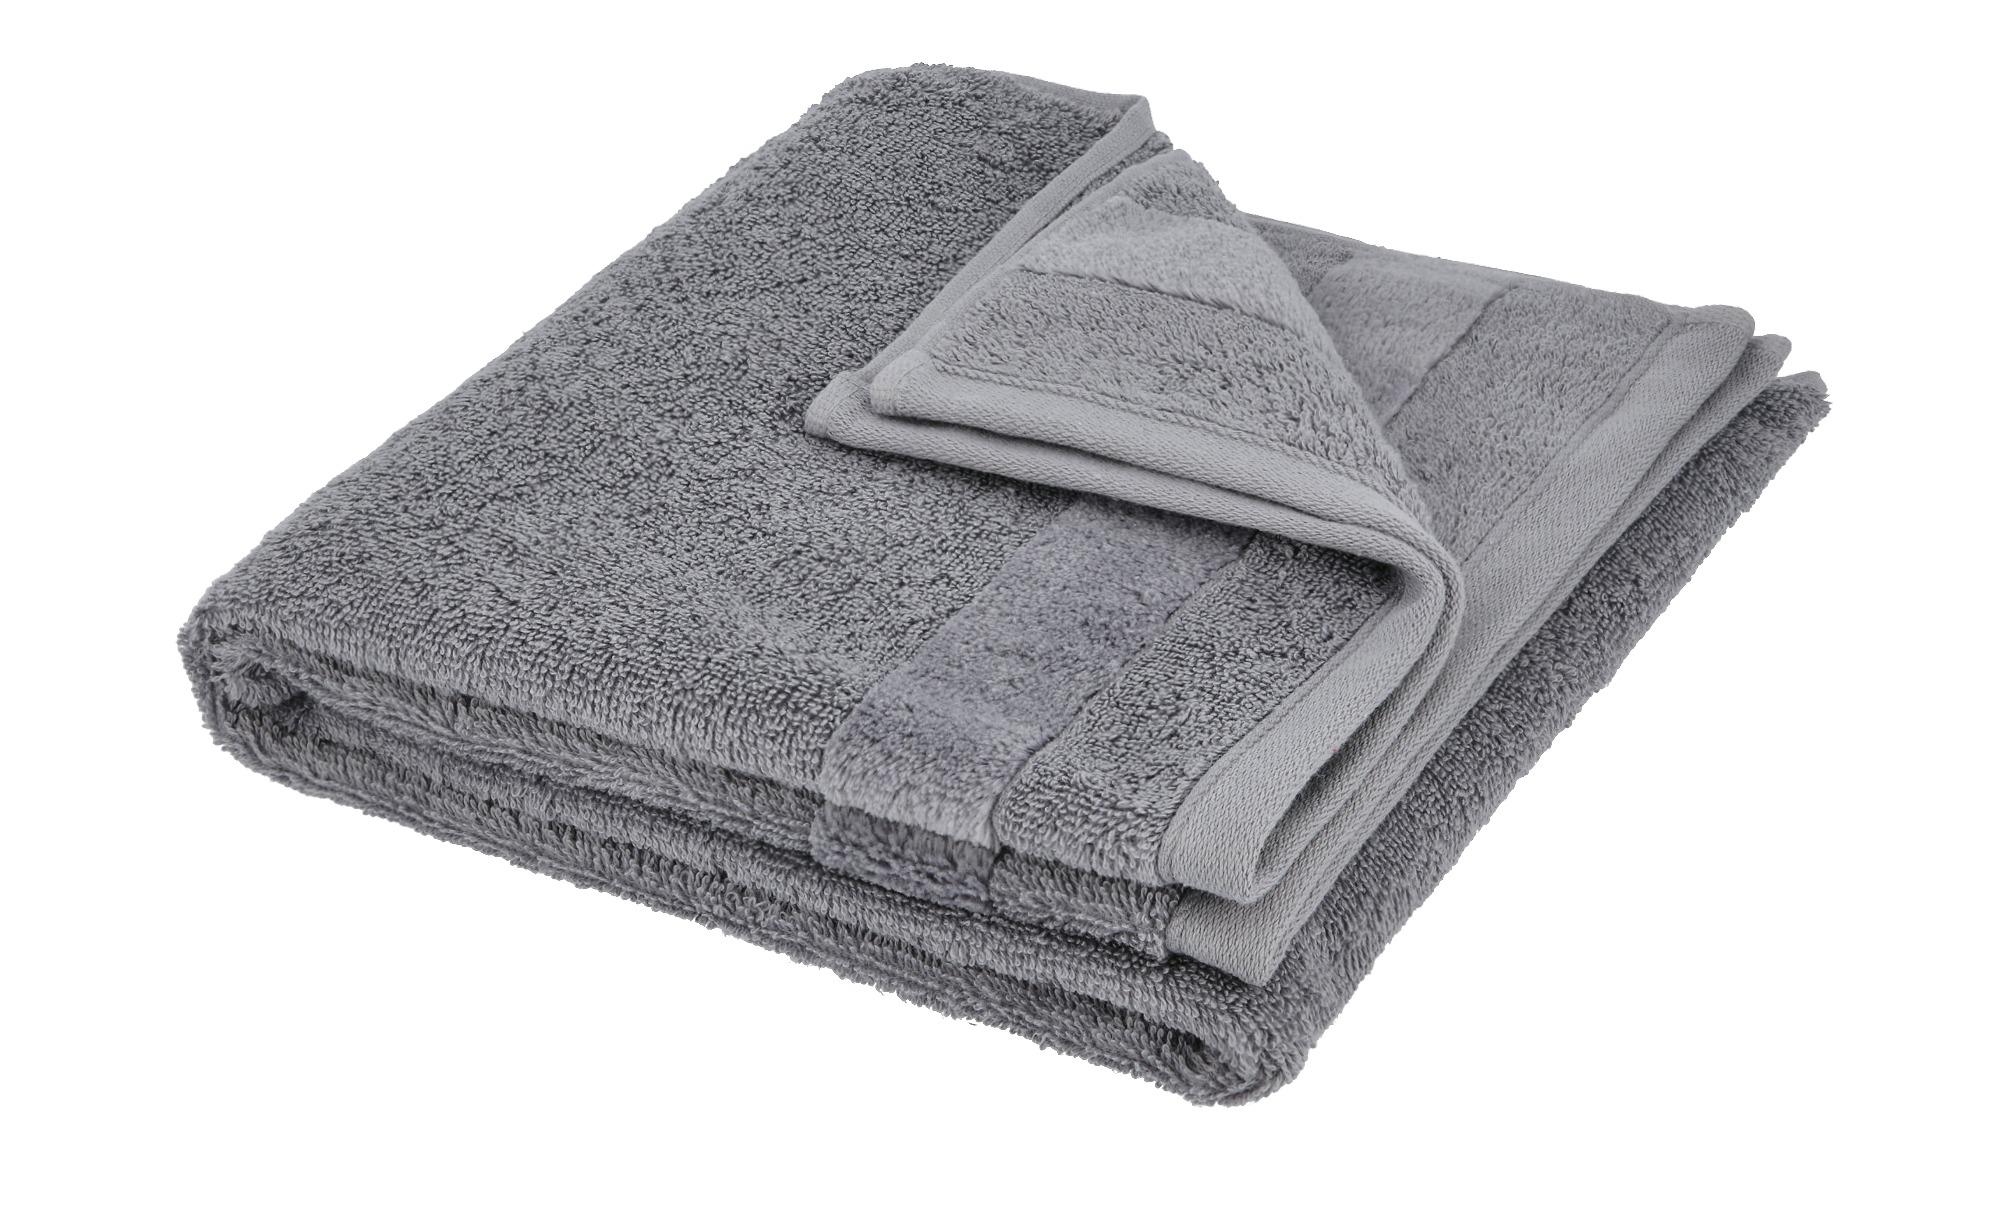 Ross Handtuch  4005 ¦ grau ¦ 100% Baumwolle Badtextilien und Zubehör > Handtücher & Badetücher > Handtücher - Höffner